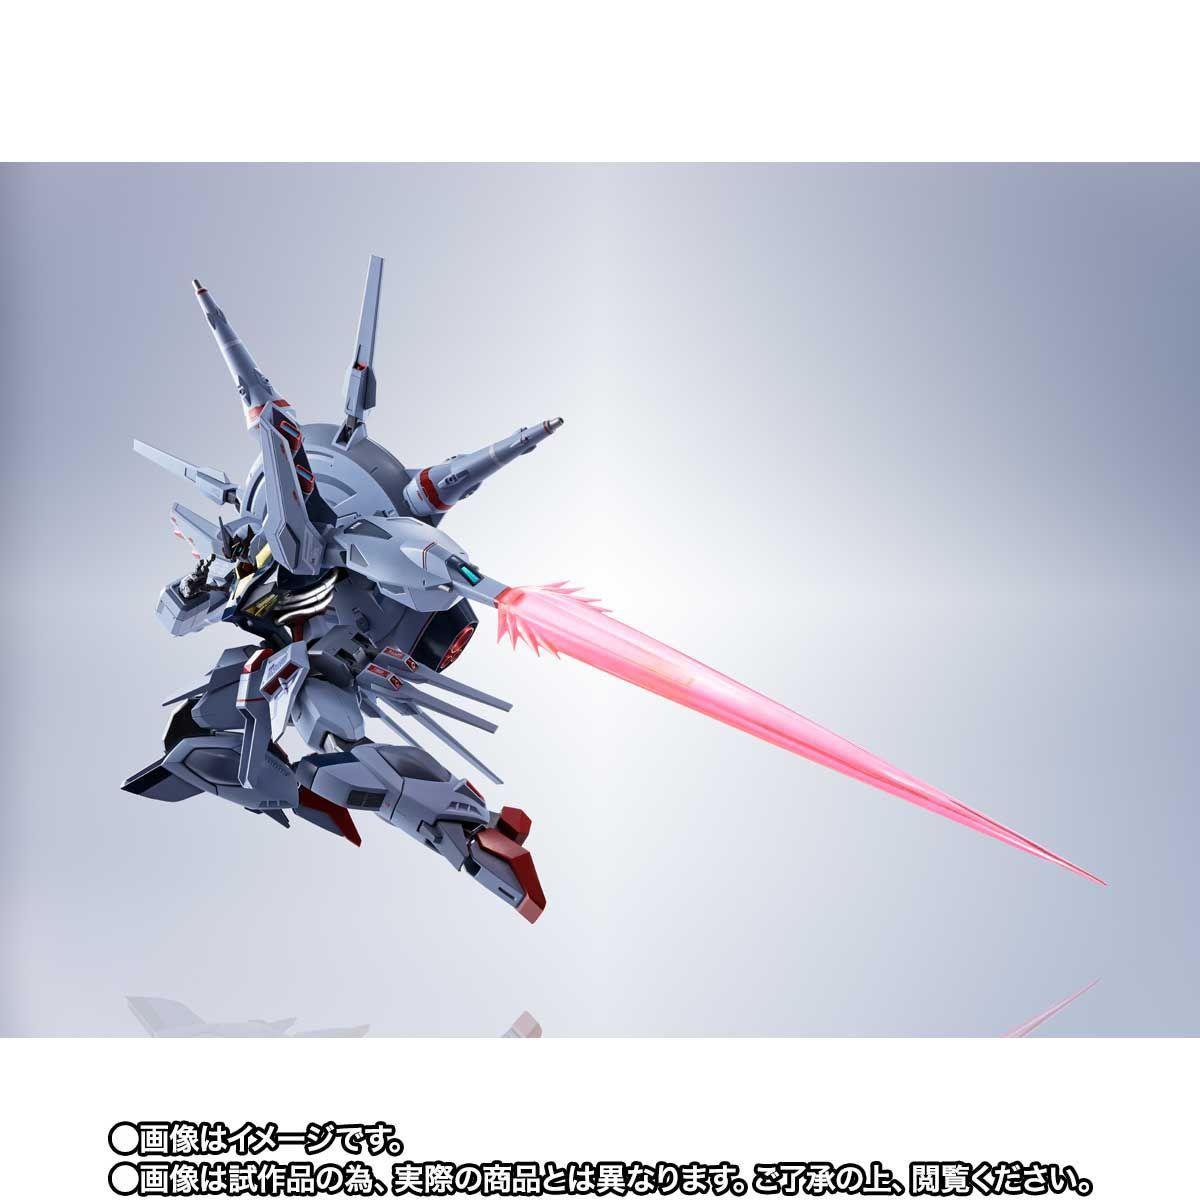 【限定販売】METAL ROBOT魂〈SIDE MS〉『プロヴィデンスガンダム』ガンダムSEED 可動フィギュア-009